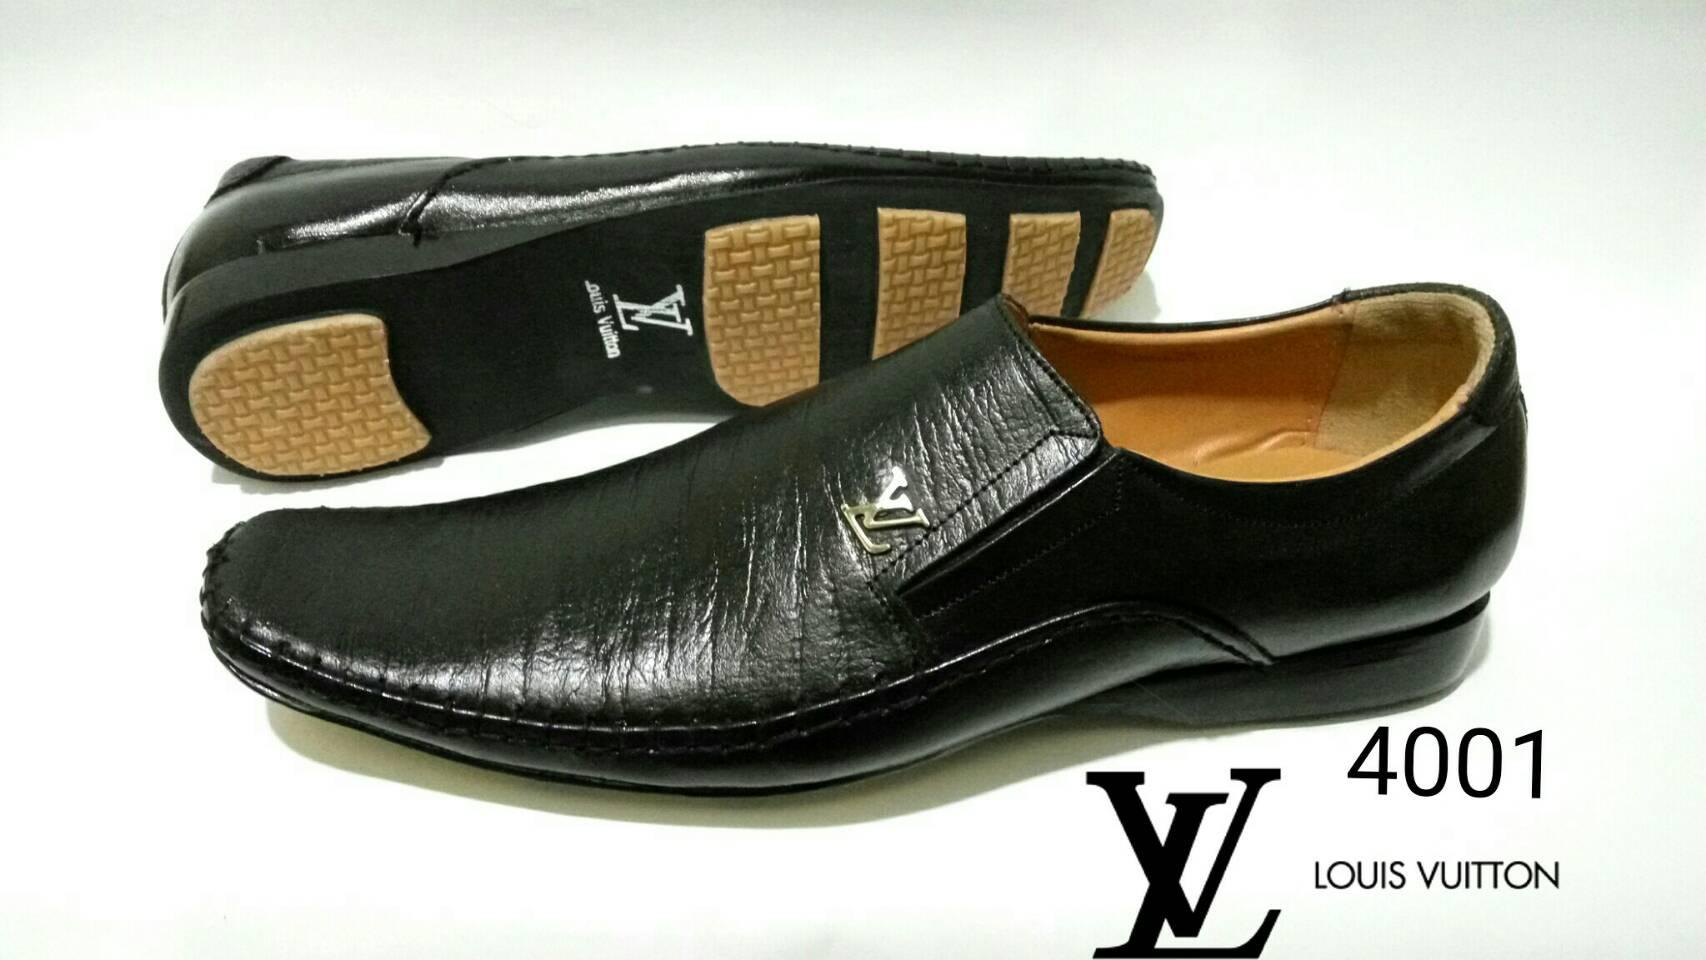 Jual Sepatu Kerja Pria Louis Vuitton 4001 - Socca Shoes  3629bb8d38